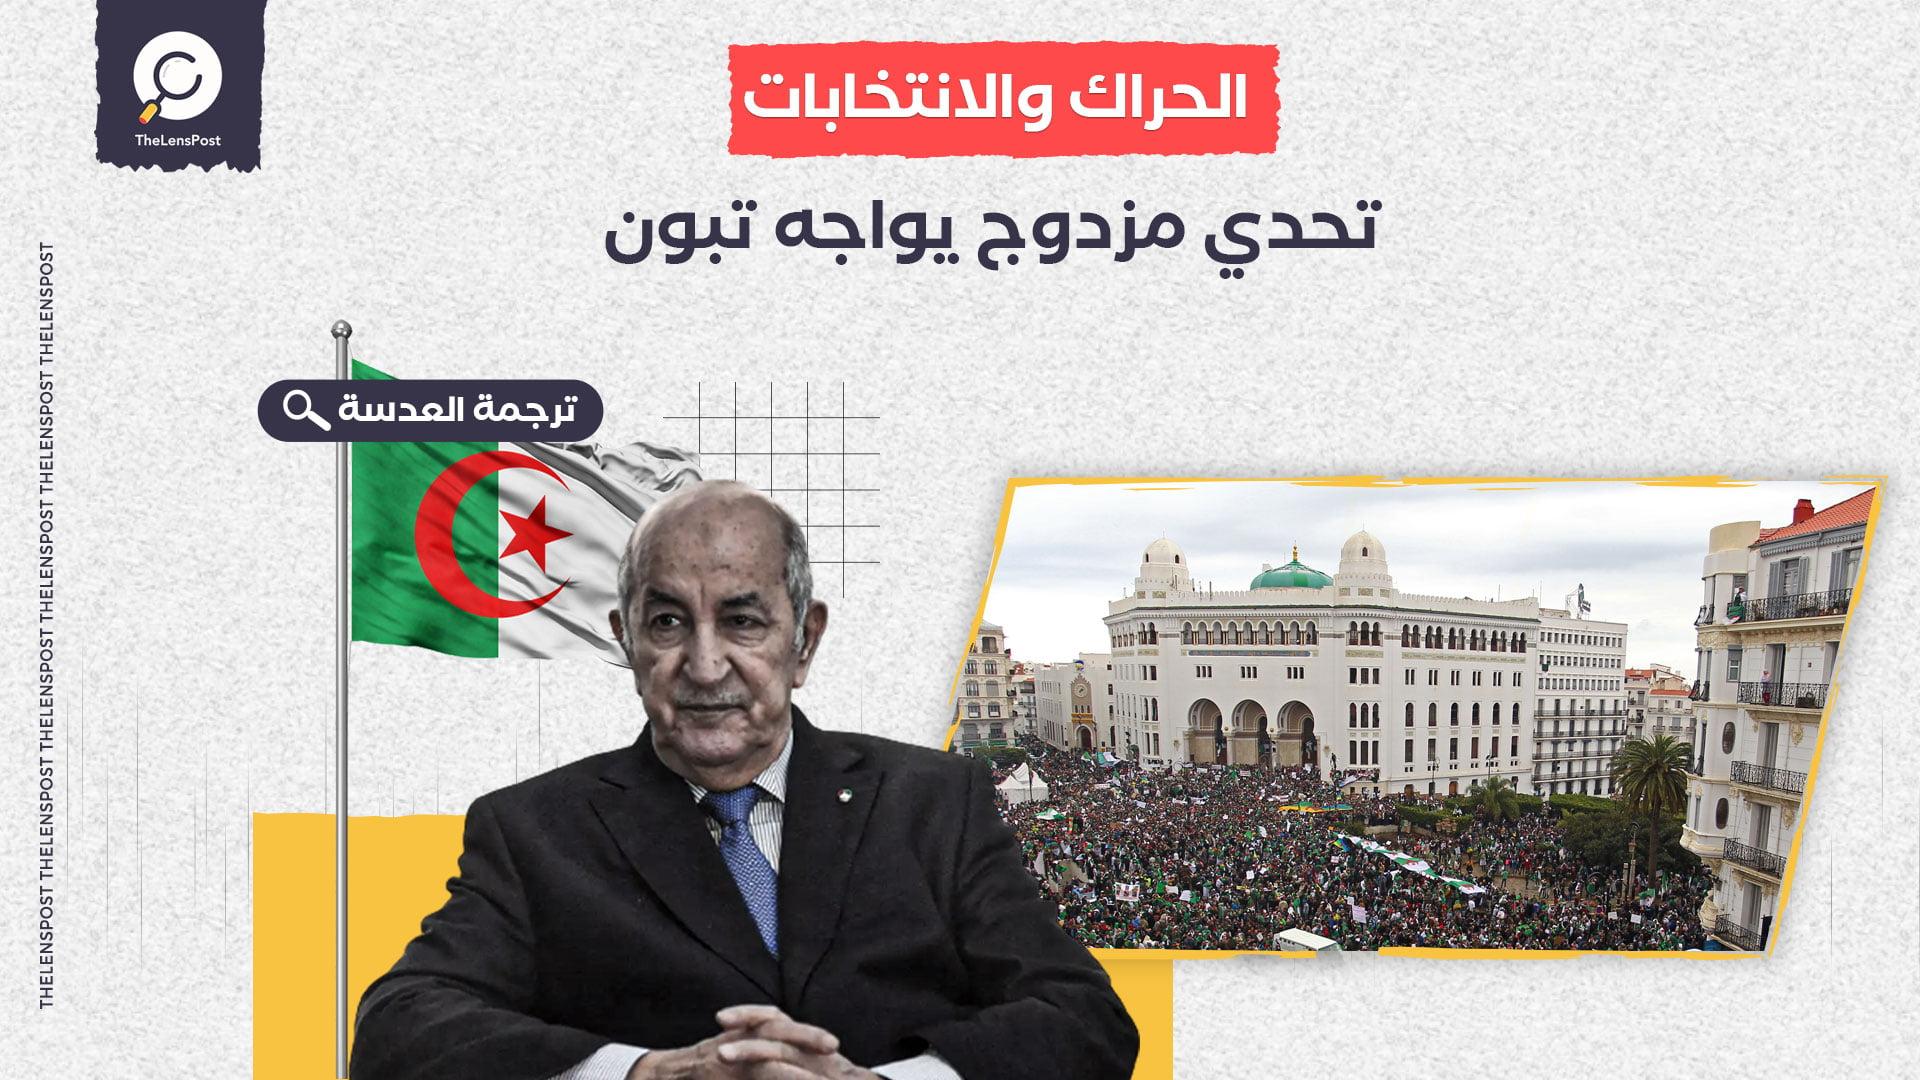 الجزائر: الحراك والانتخابات.. تحدي مزدوج يواجه تبون